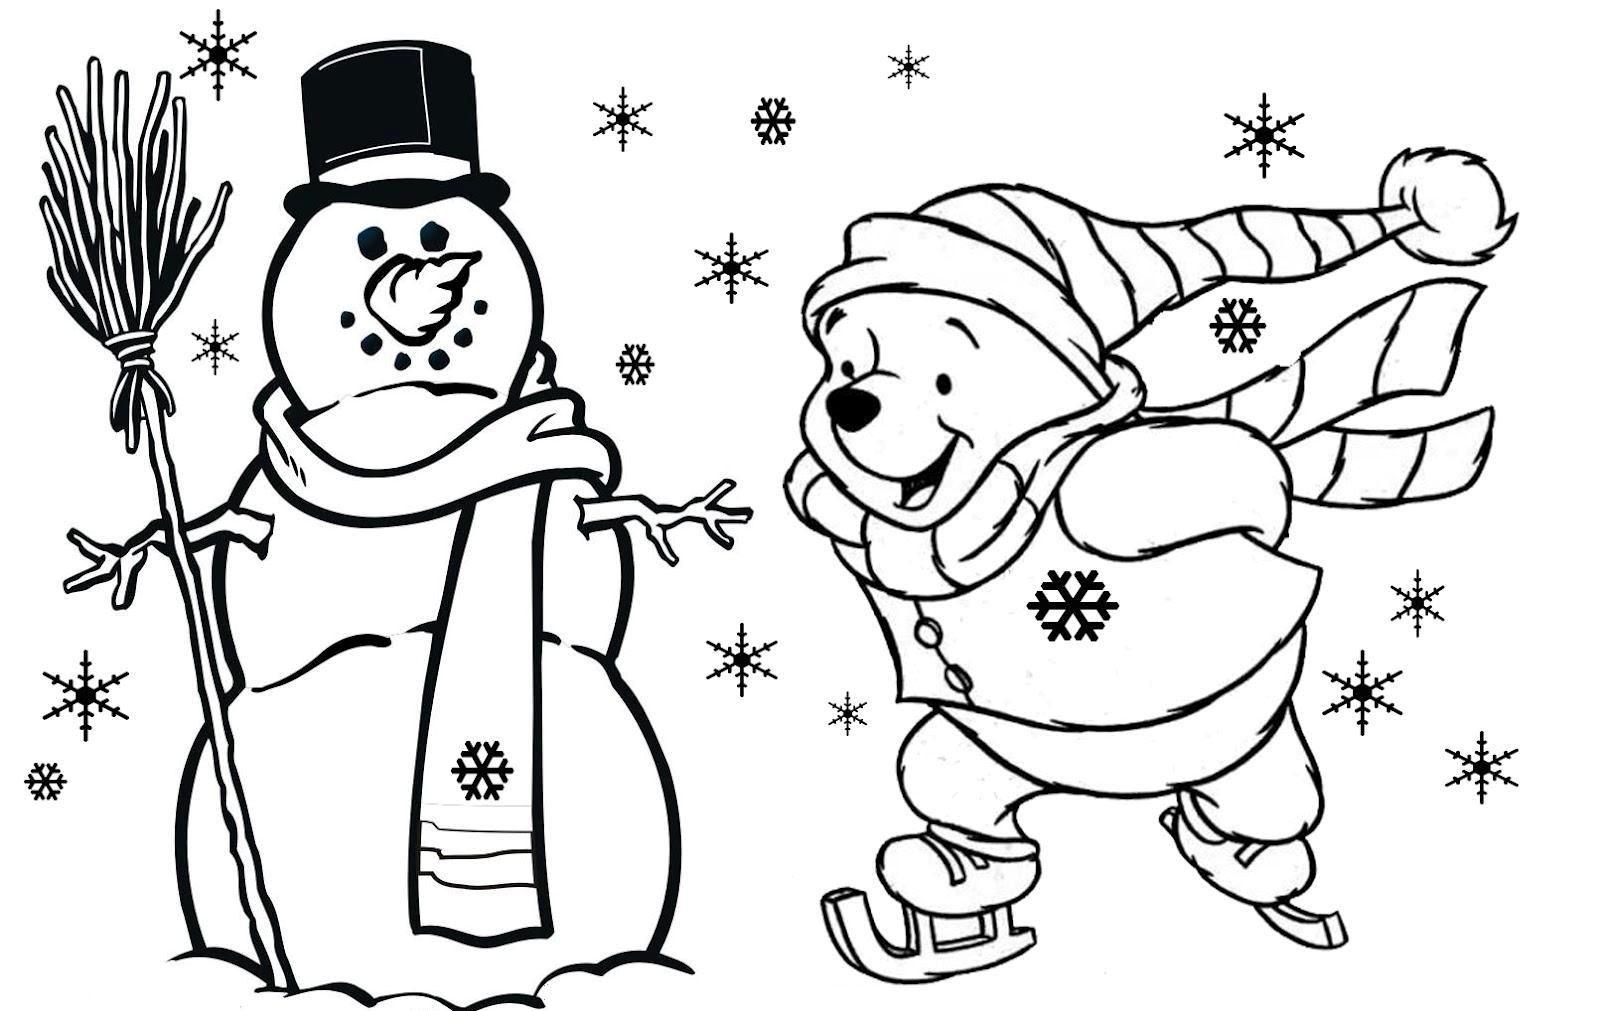 Disegni di Natale da stampare e colorare: ecco i più belli